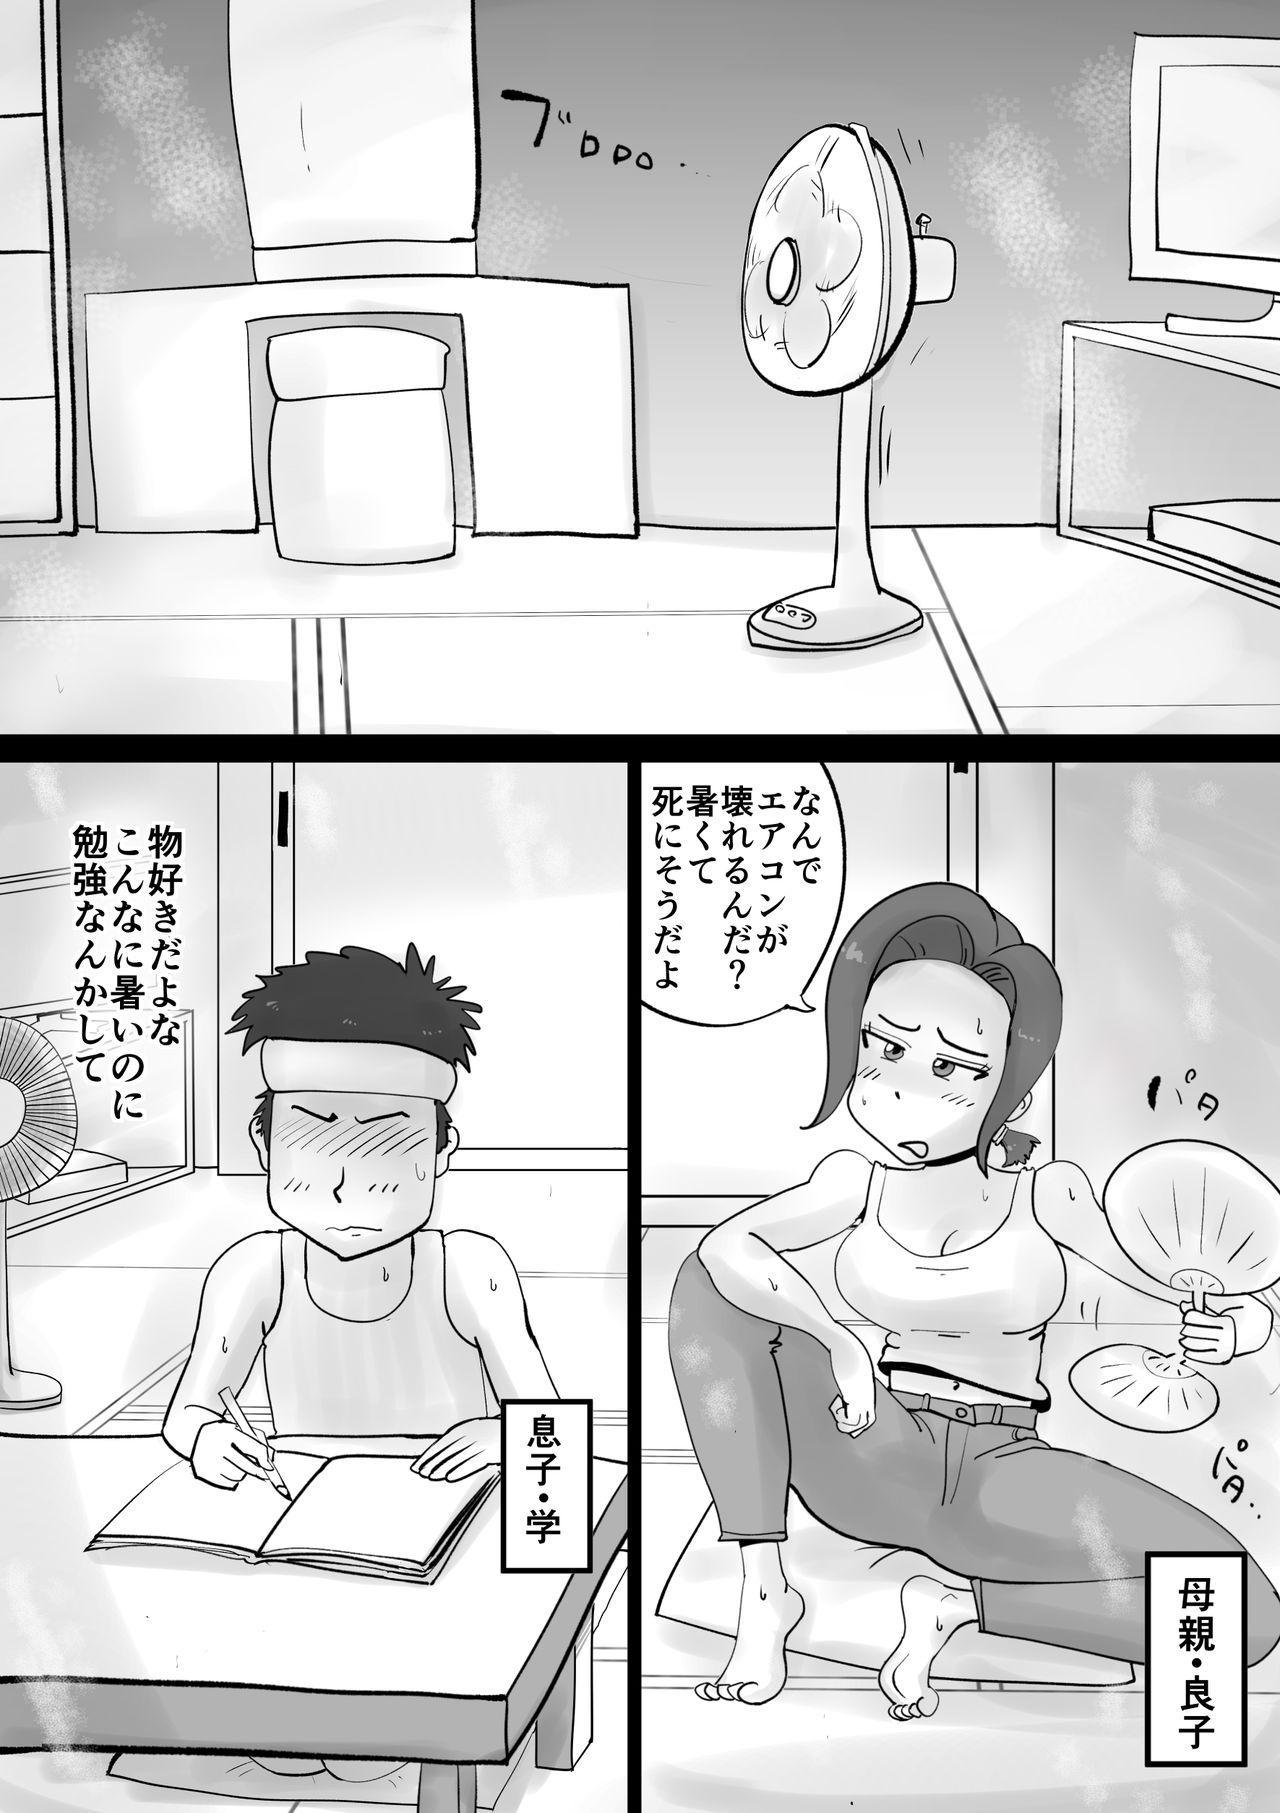 Warunori Shita Hahaoya ni Karuku Seishori ni Tsukawareru Hanashi 2